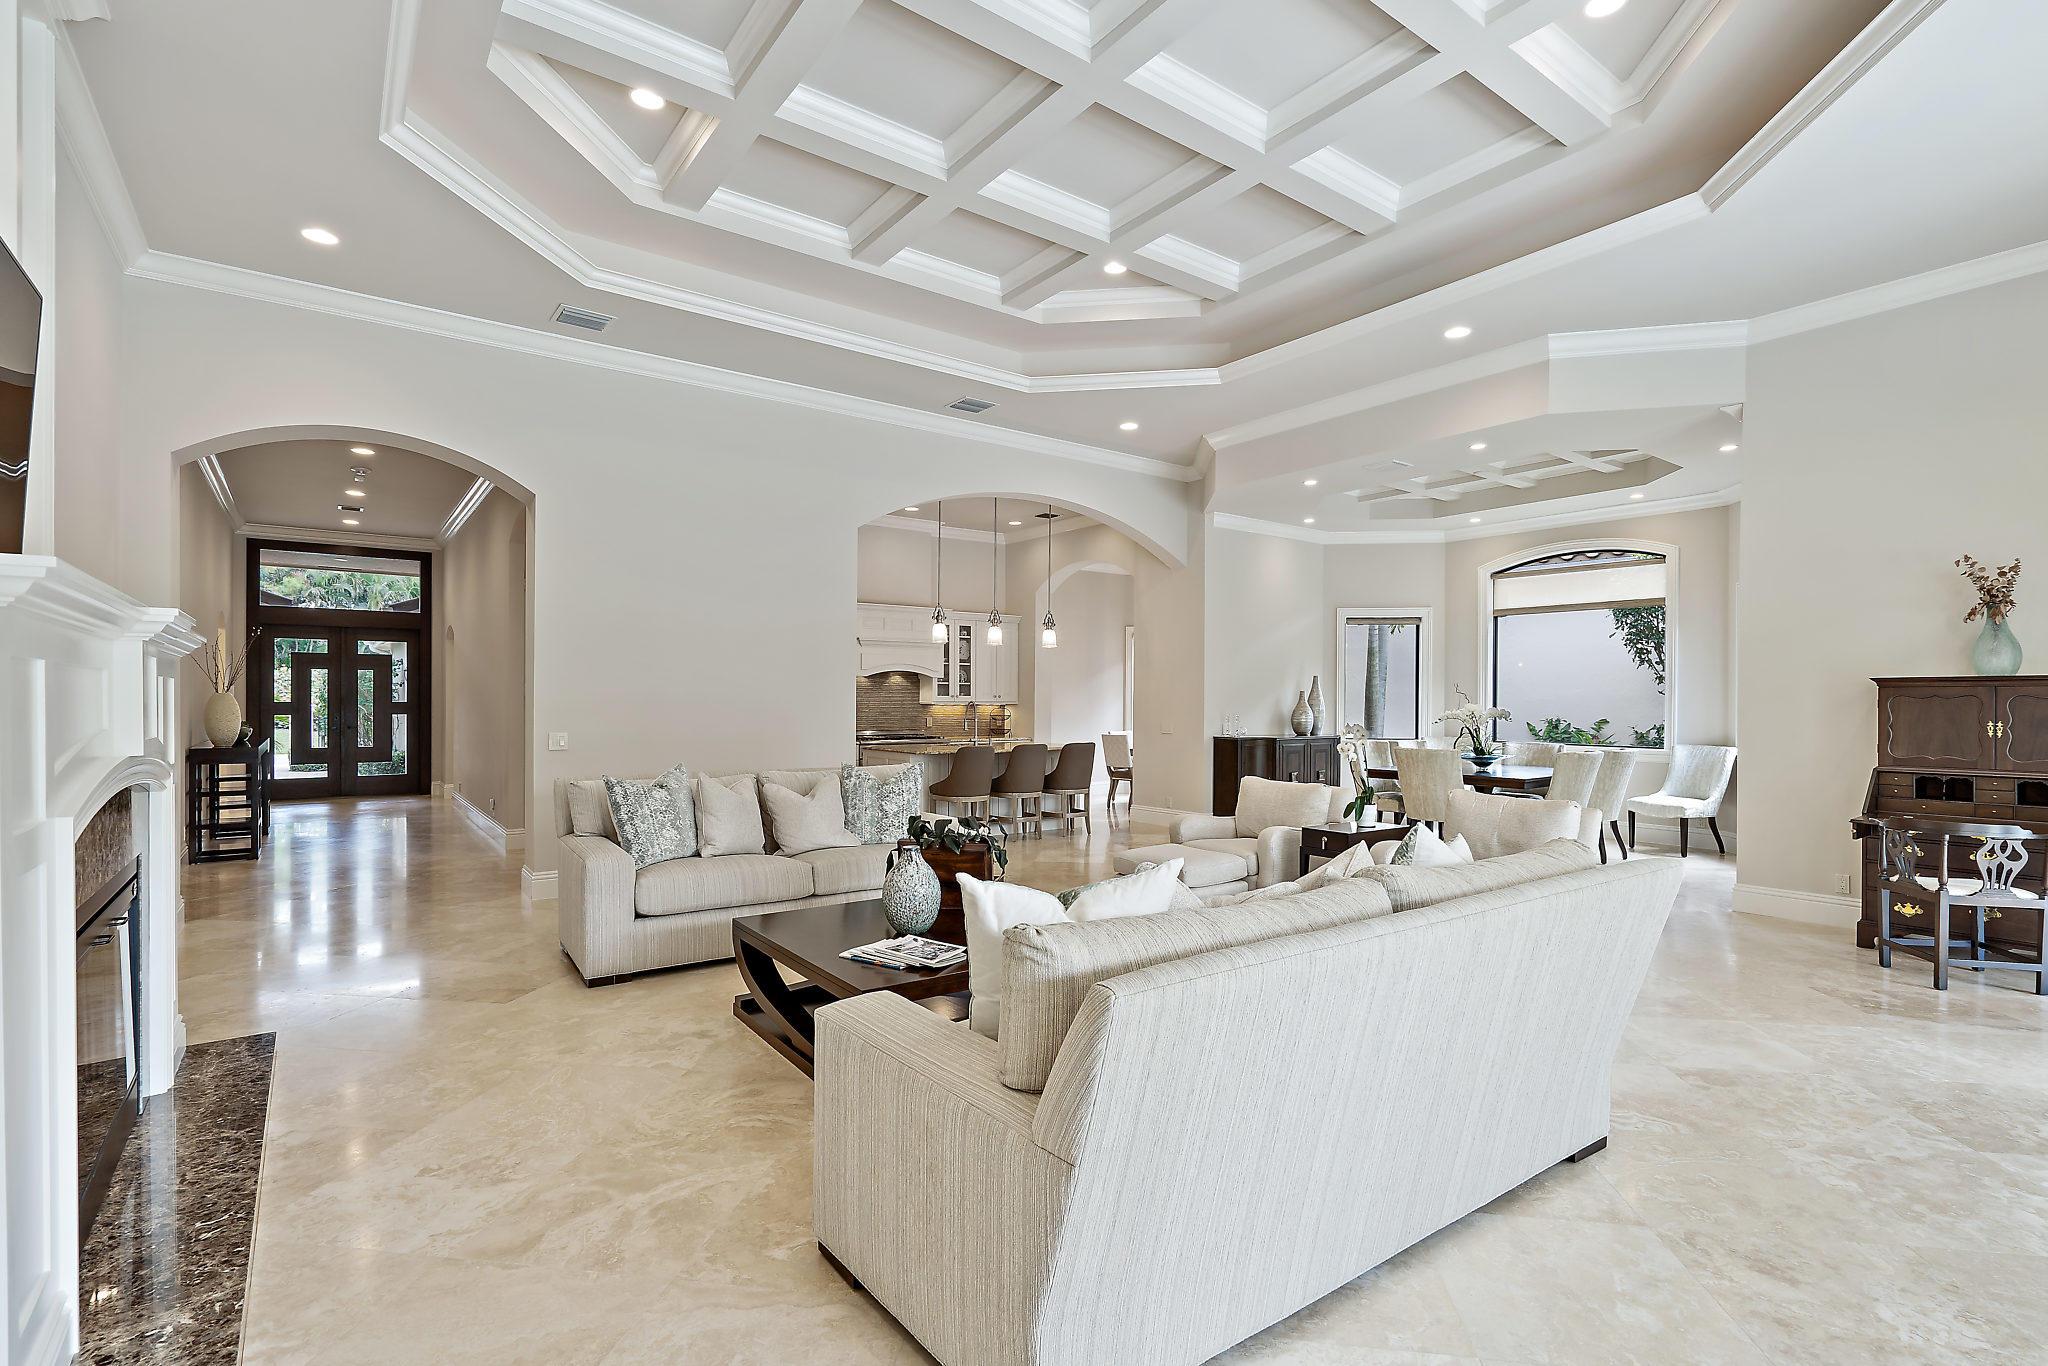 3378 Degas Drive, Palm Beach Gardens, Florida 33410, 4 Bedrooms Bedrooms, ,4.1 BathroomsBathrooms,A,Single family,Degas,RX-10604711